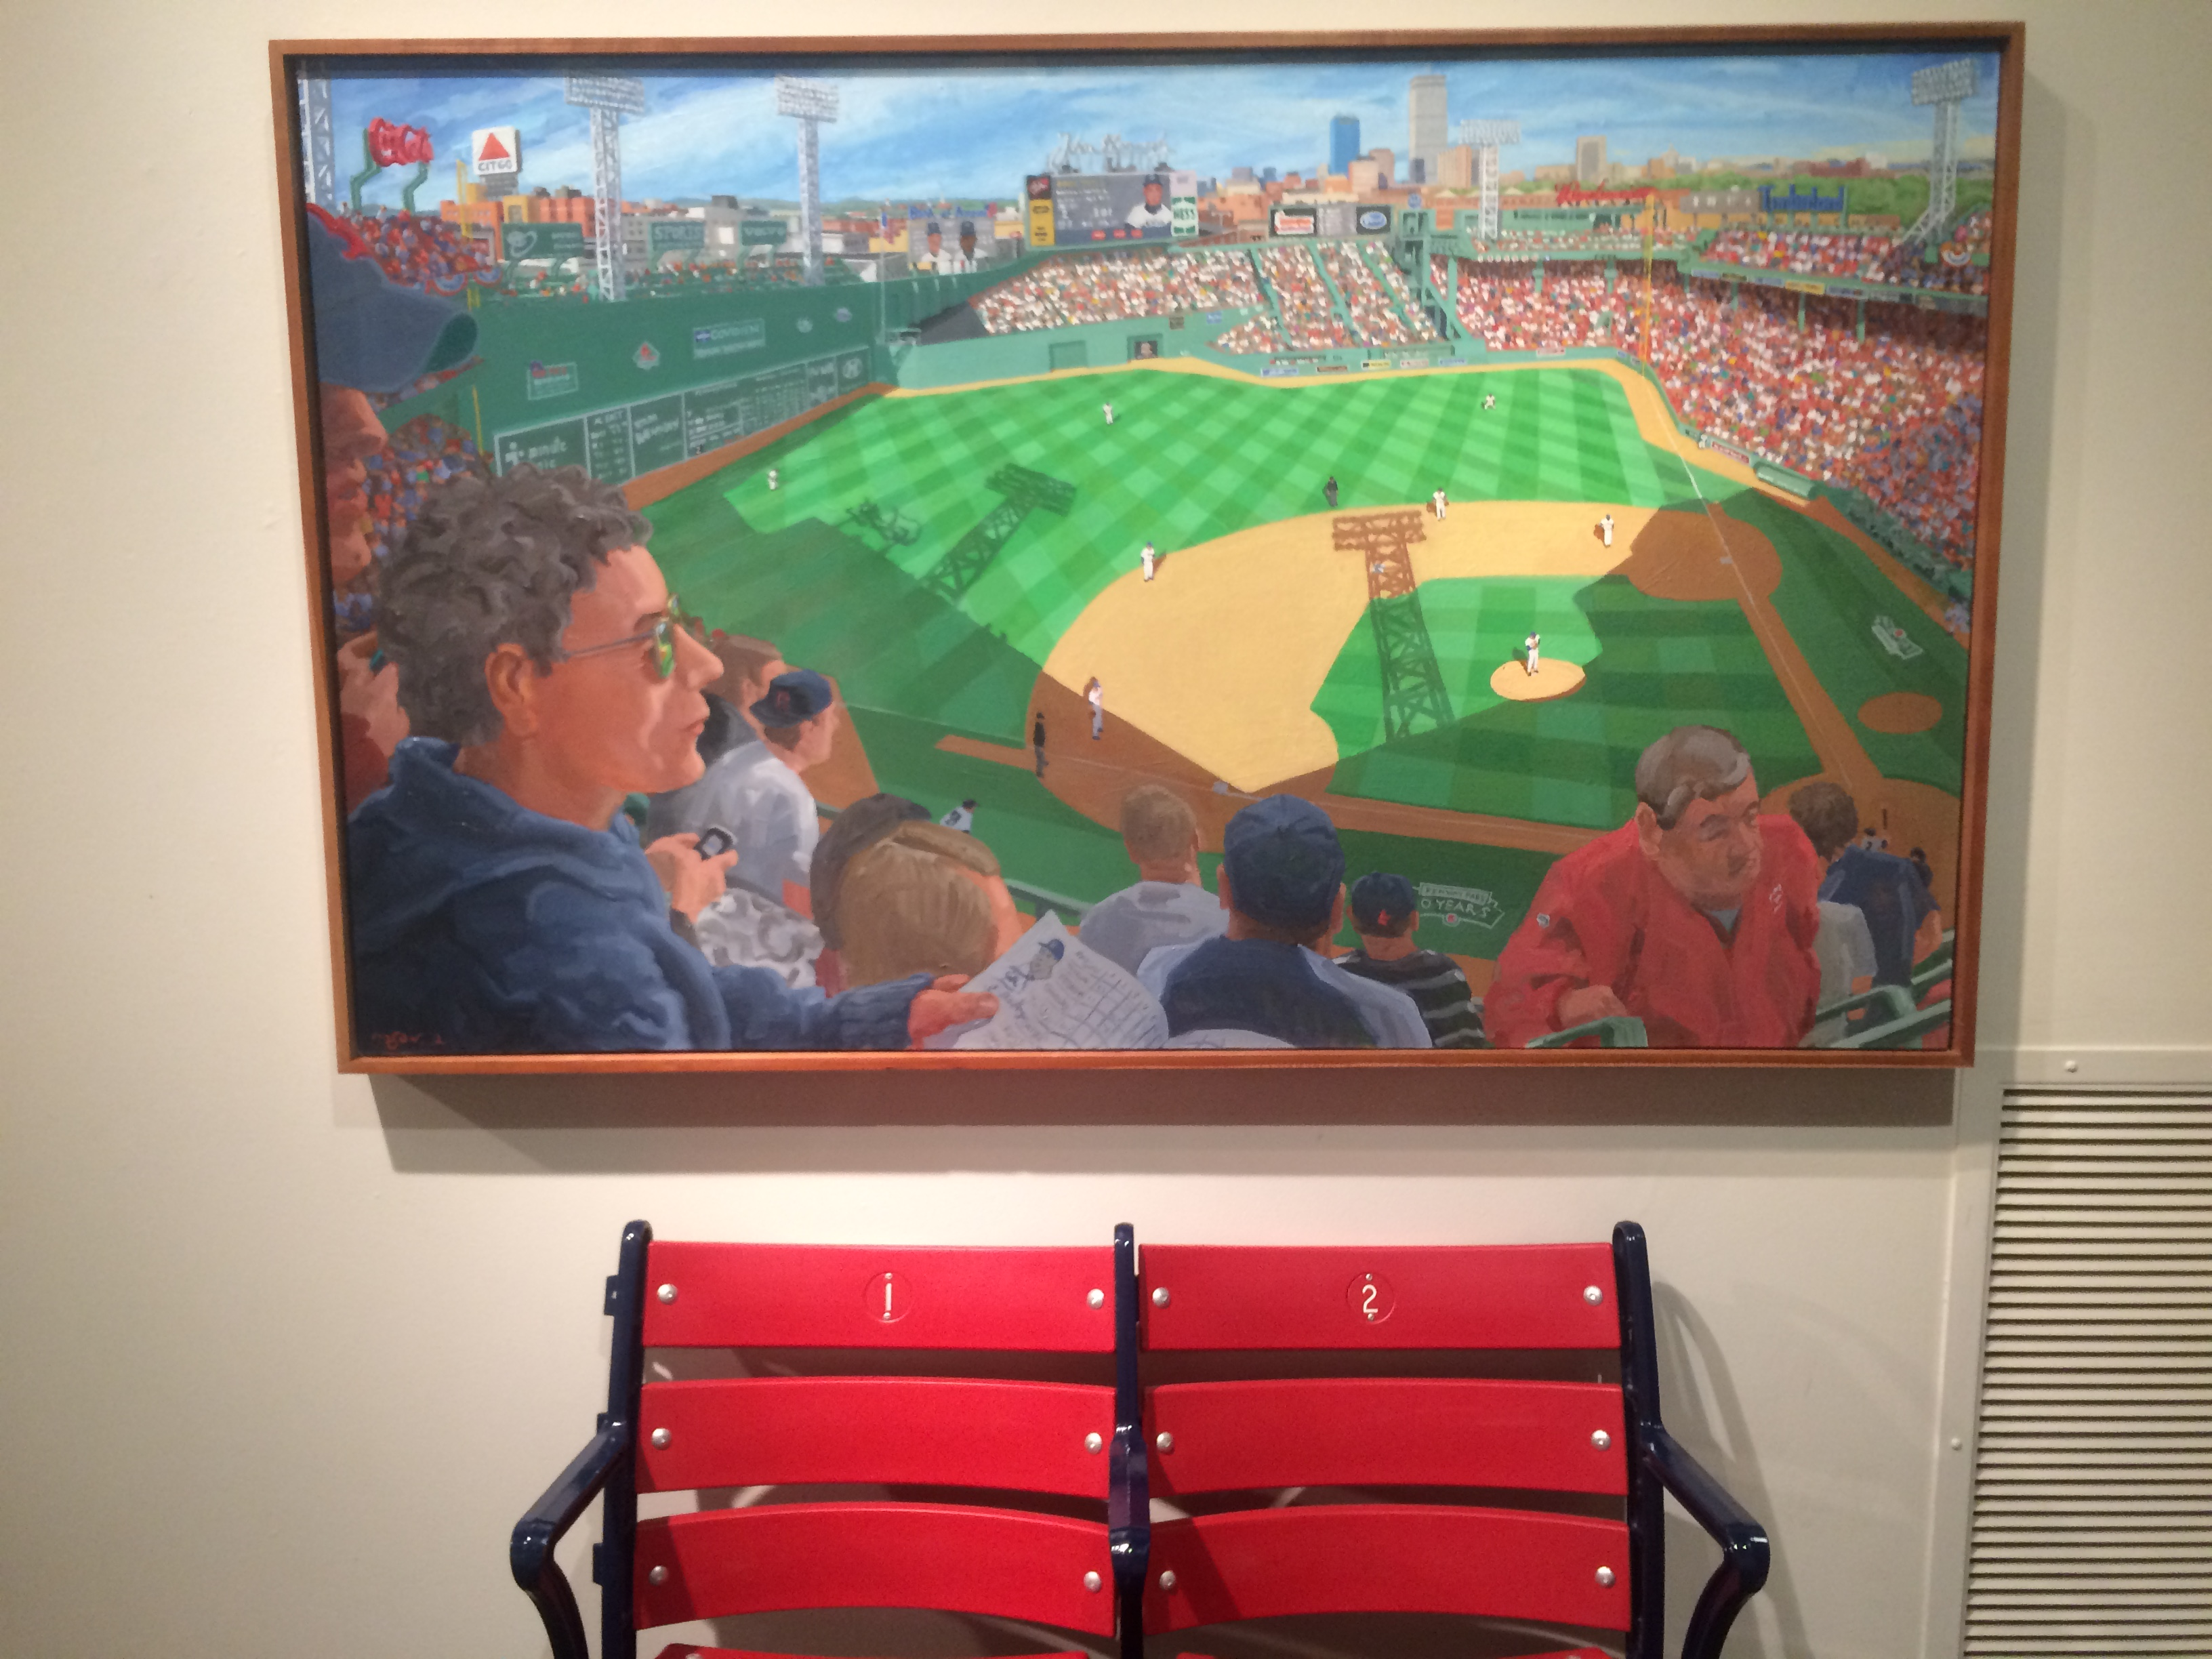 Mason's depiction of Fenway Park